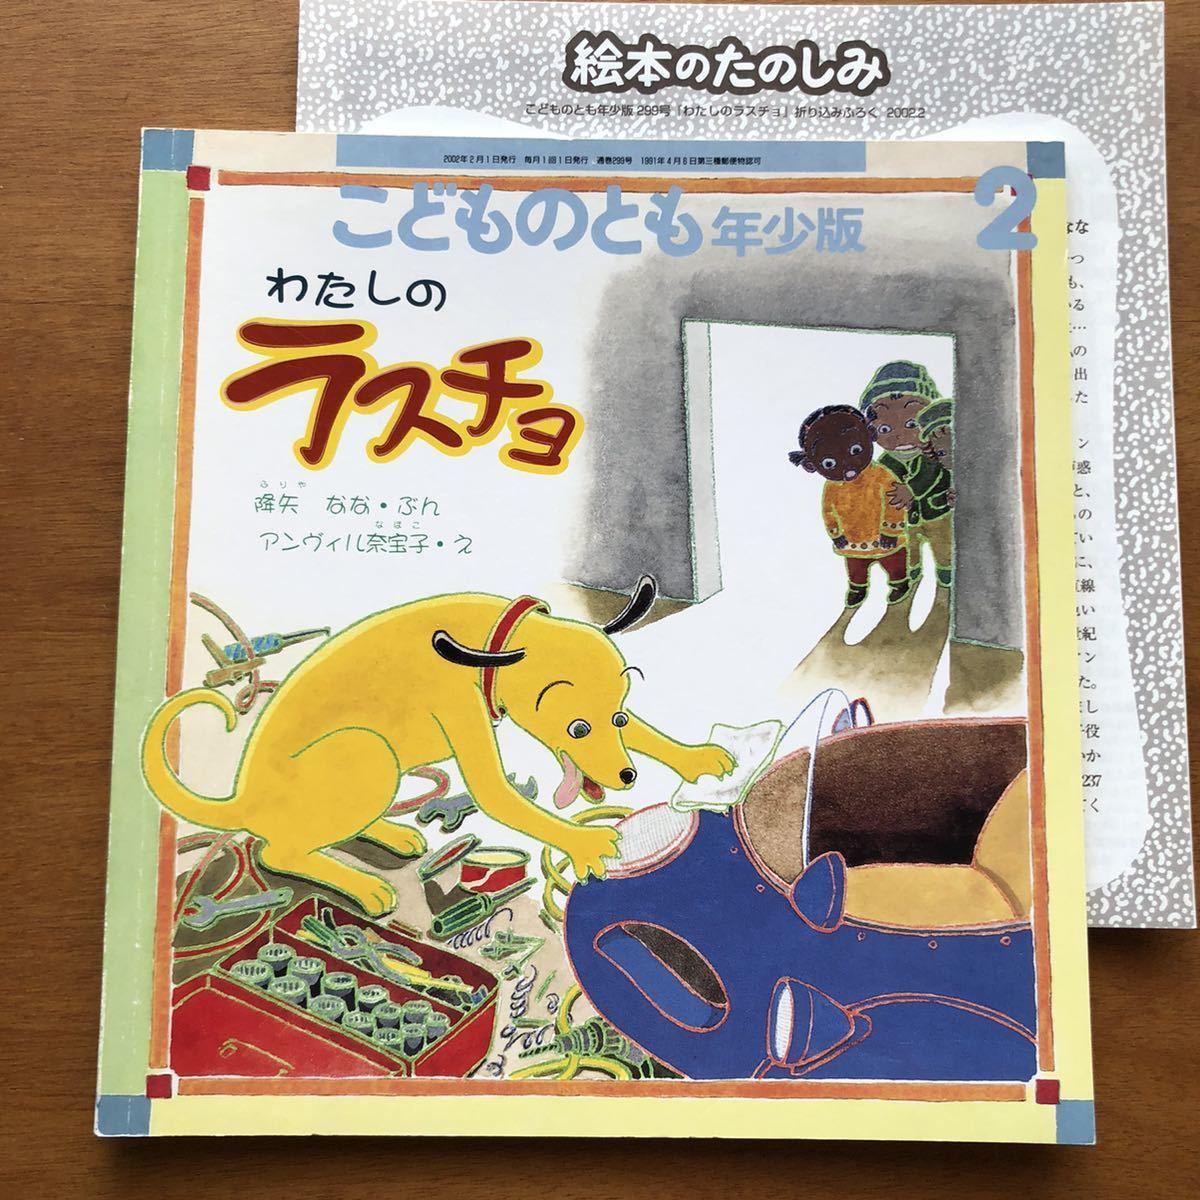 こどものとも年少版 わたしのラスチョ 降矢なな アンヴィル奈宝子 2002年 初版 絶版 絵本 犬 折り込みふろく 西巻茅子 大崎善生